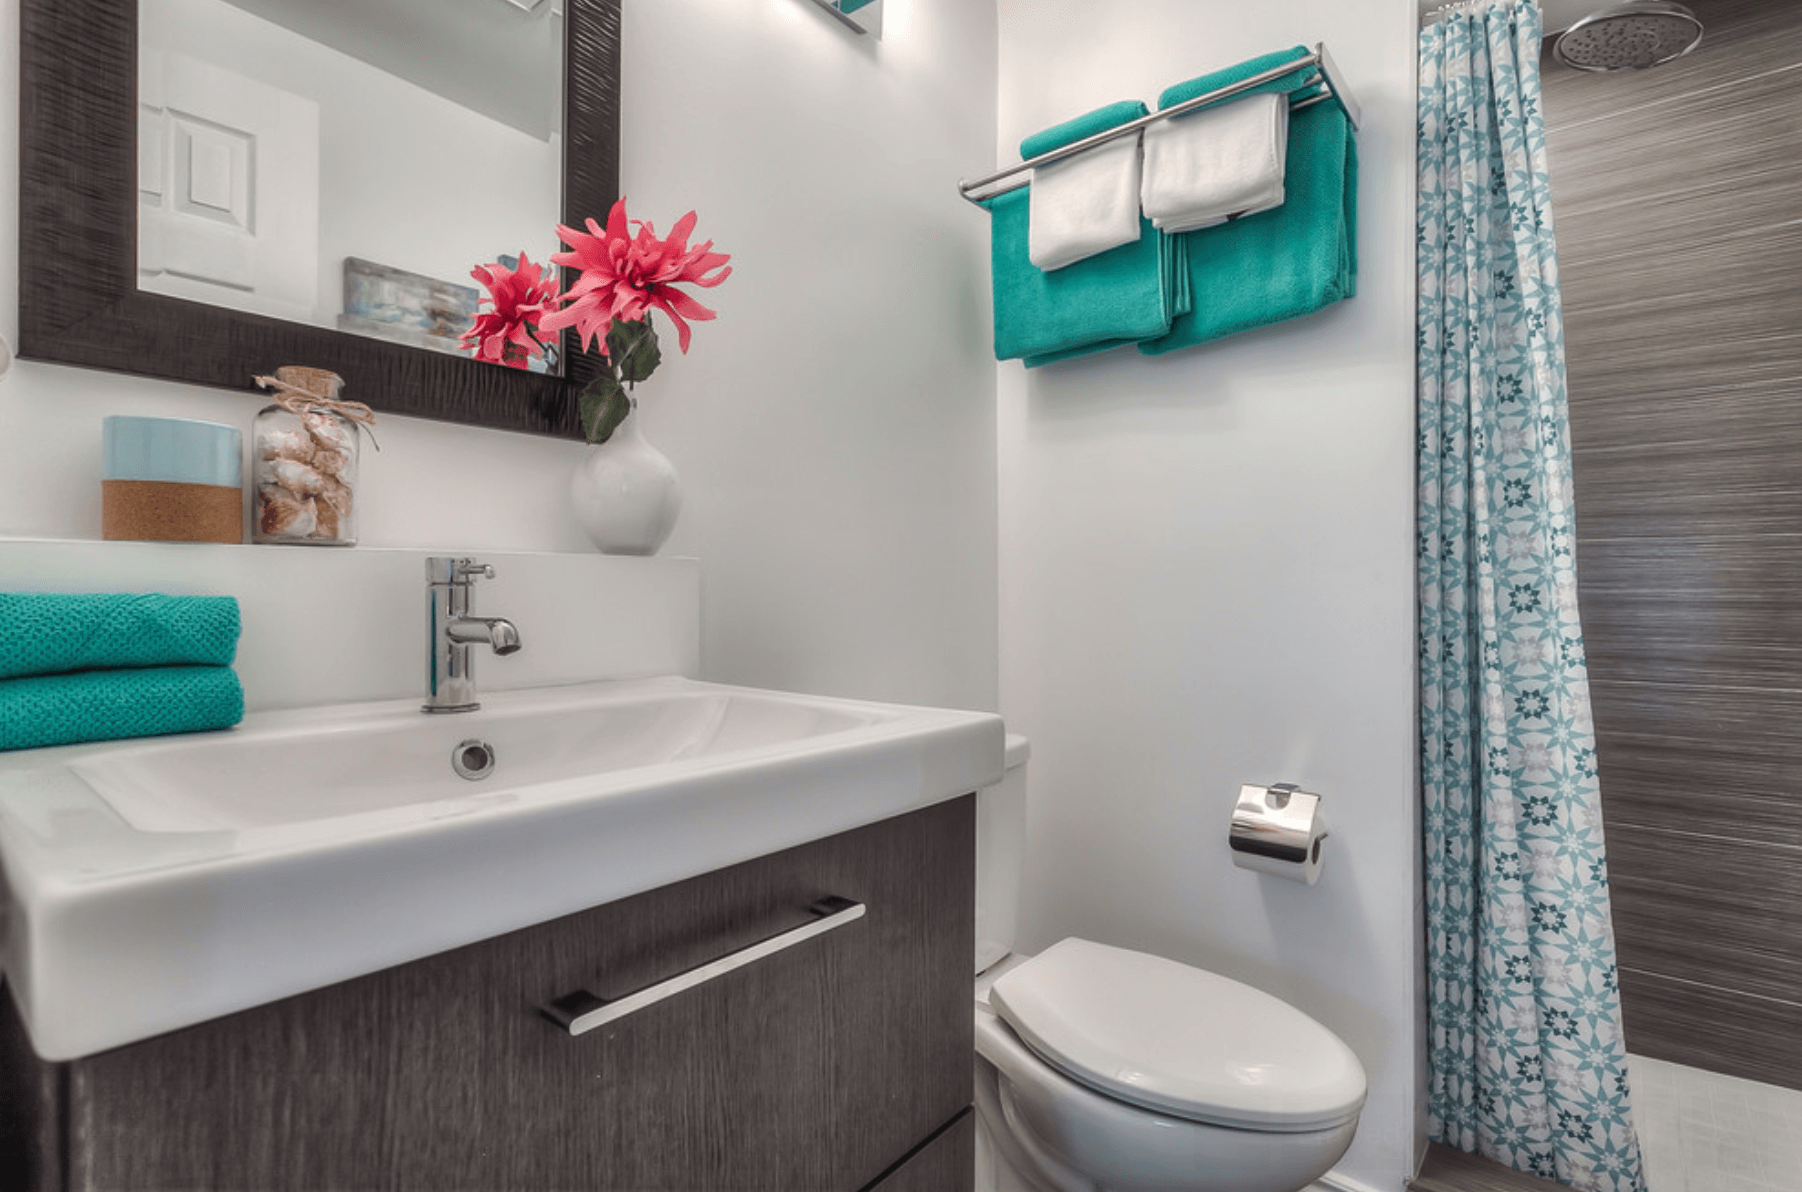 Banheiros Pequenos Fotos e Dicas Imperdíveis Arquidicas #207B79 1802 1192